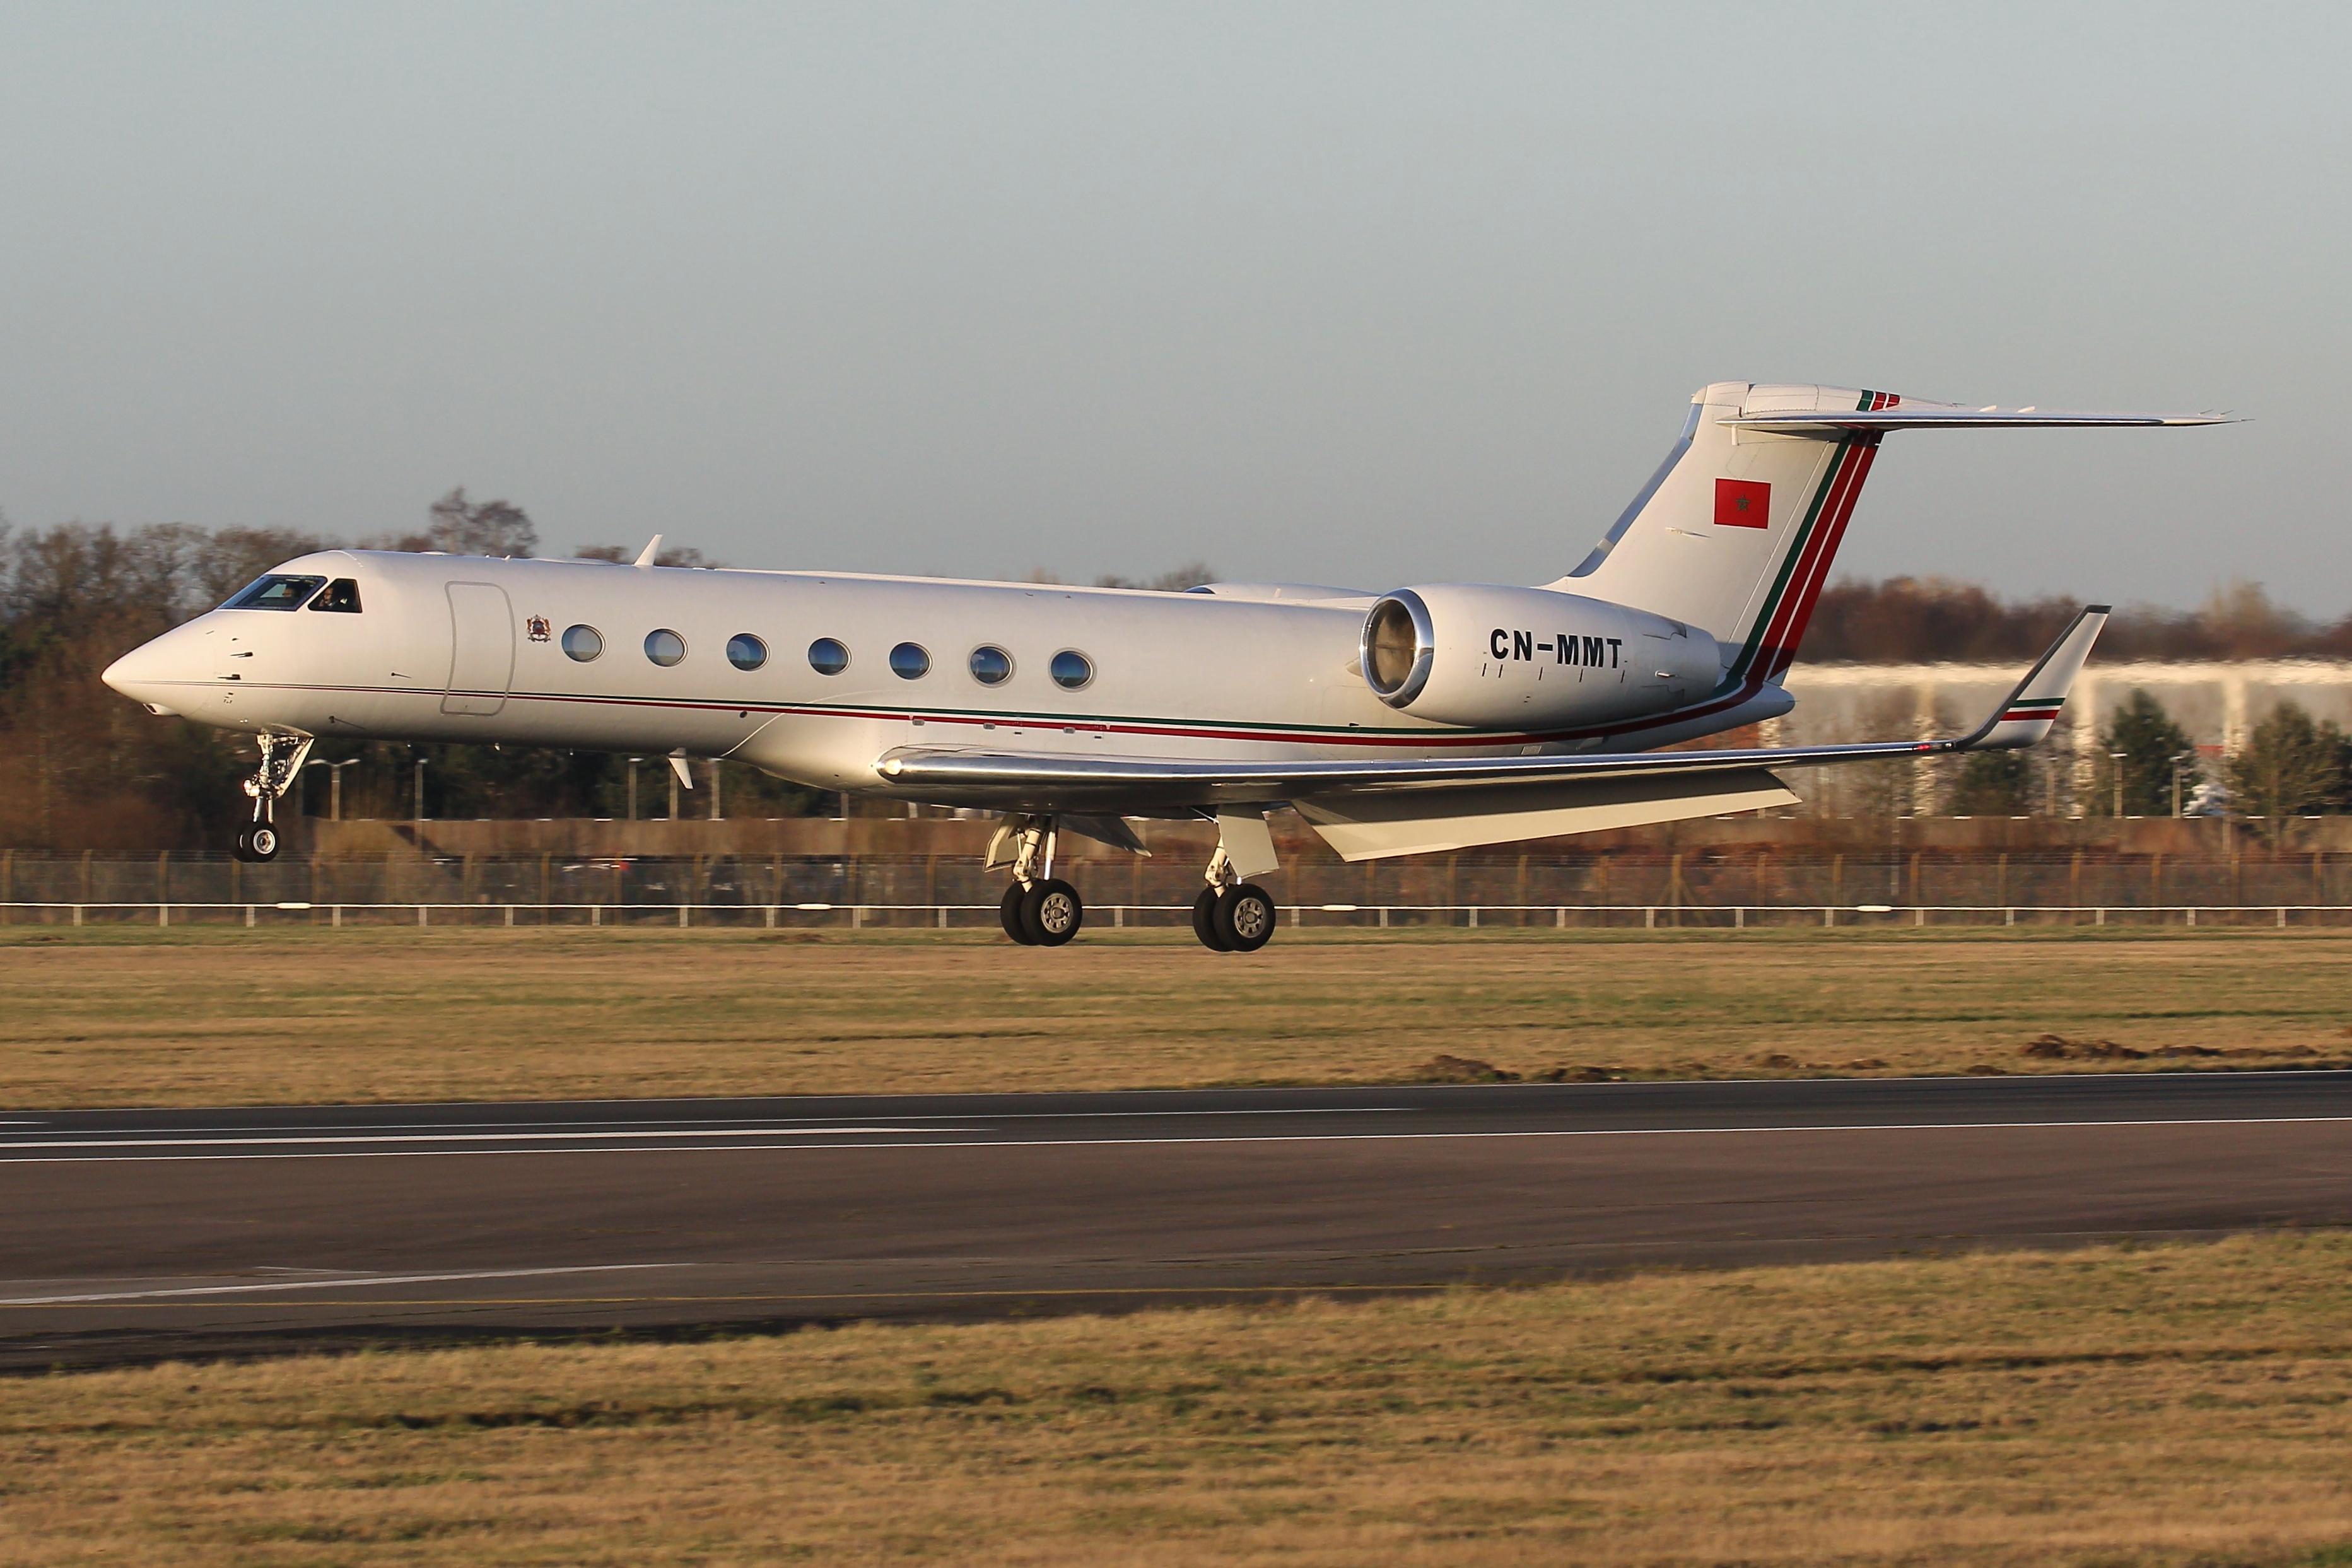 FRA: Avions VIP, Liaison & ECM - Page 24 49614146198_7867000857_o_d